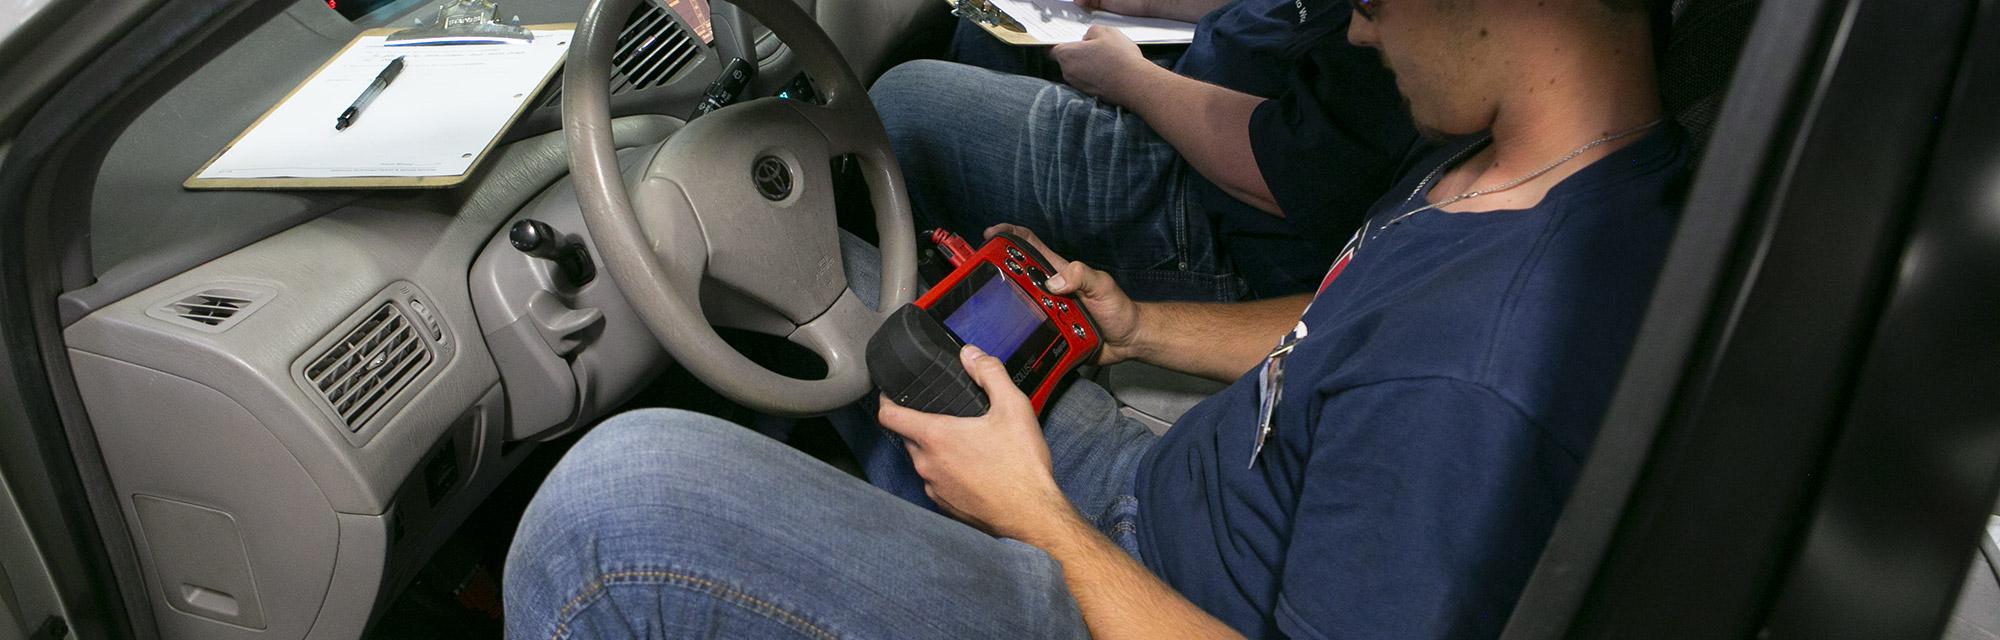 Technician checking diagnostics on automobile